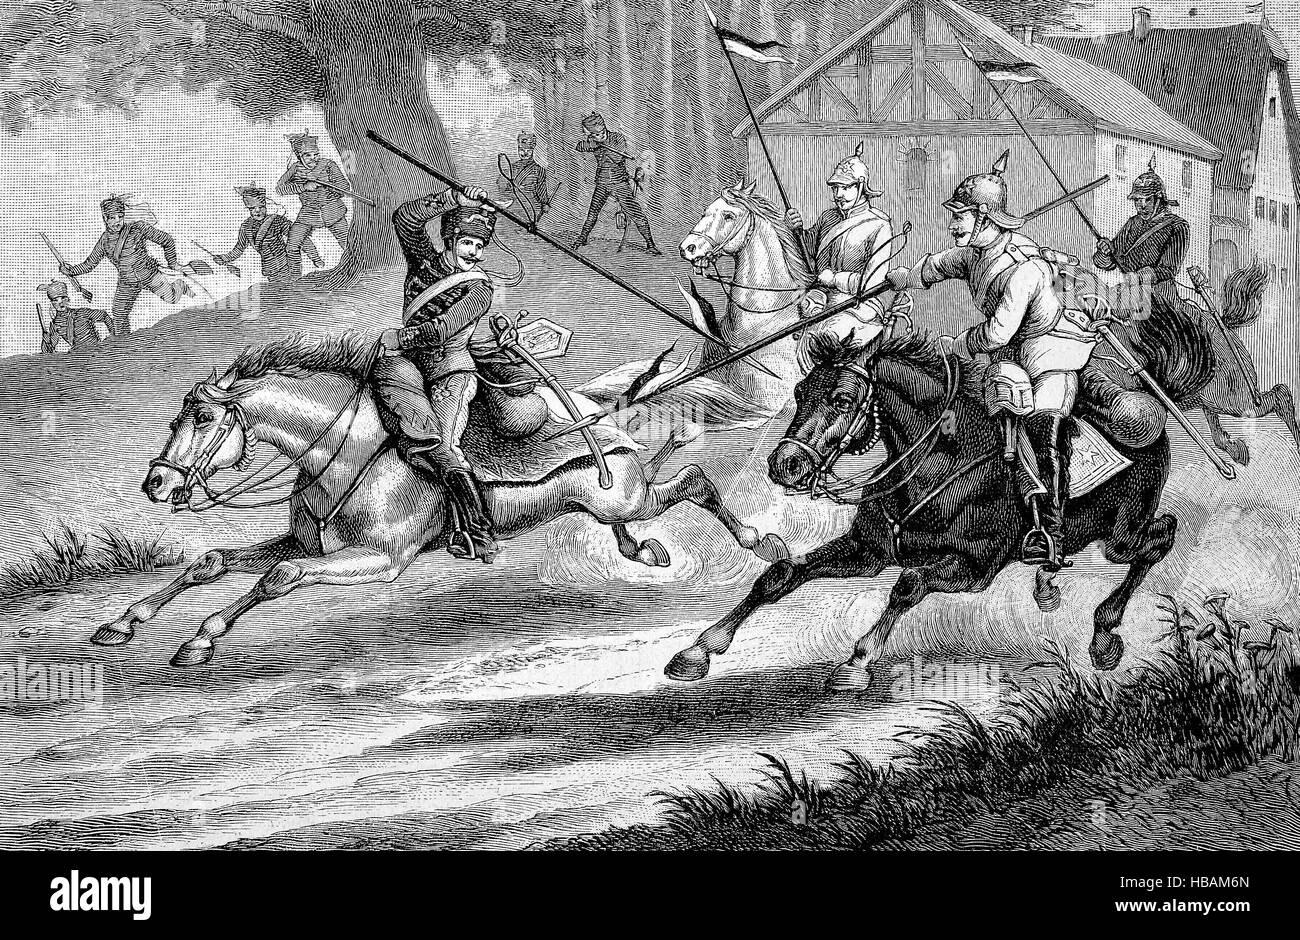 Lance prusiano armados hussars y cuirassiers, ilustración hictorical desde 1880 Imagen De Stock